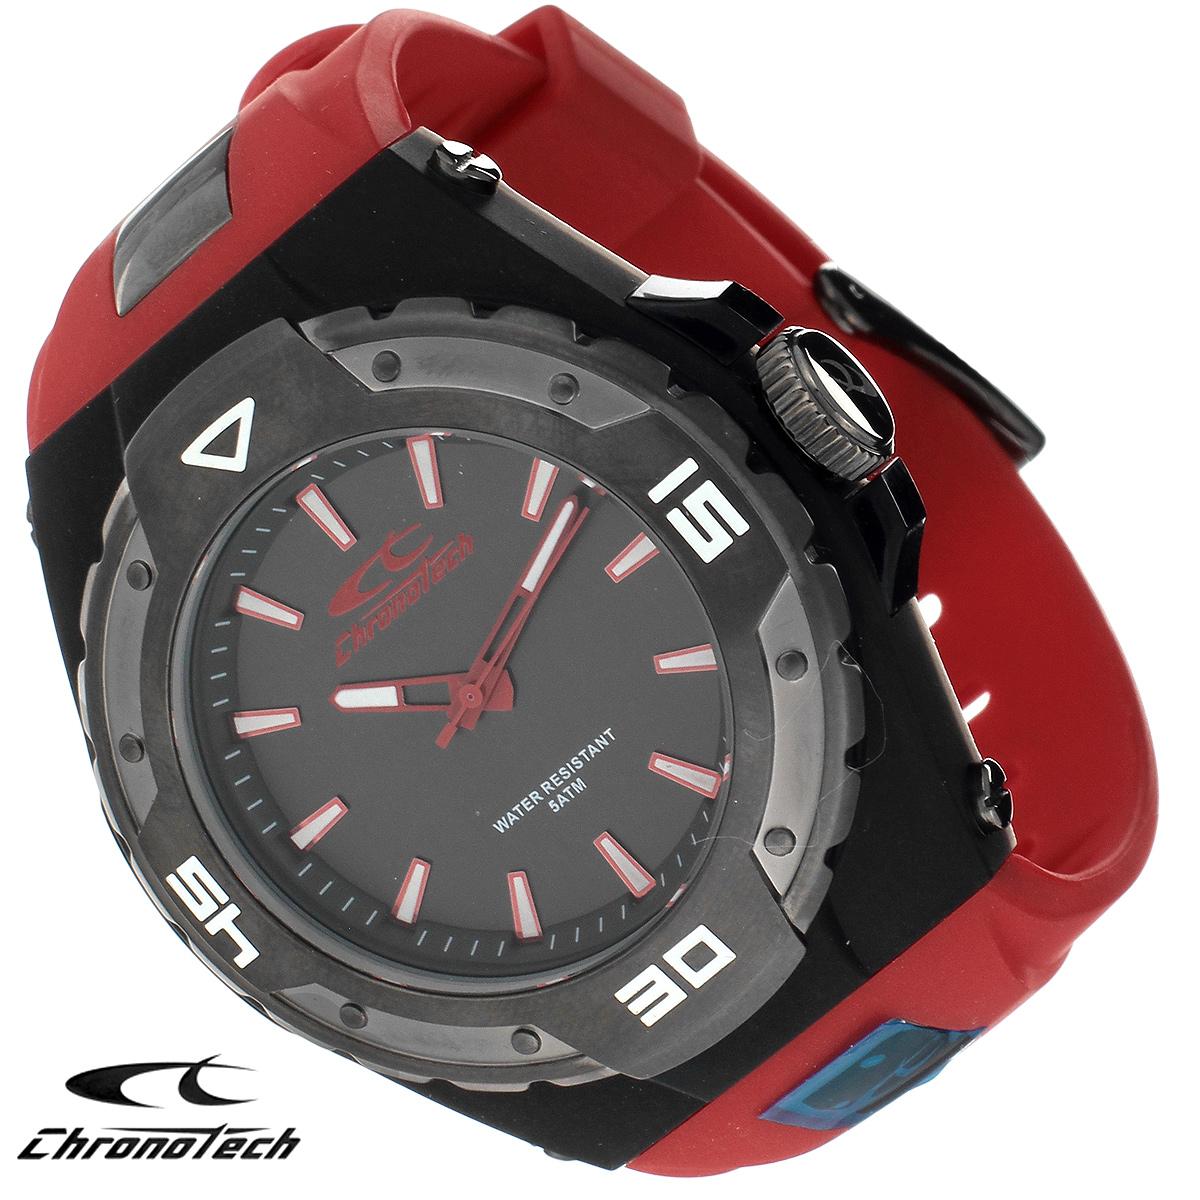 Часы мужские наручные Chronotech, цвет: черный, красный. RW0018RW0018Часы Chronotech - это часы для современных и стильных людей, которые стремятся выделиться из толпы и подчеркнуть свою индивидуальность. Корпус часов выполнен из нержавеющей стали с покрытием. Циферблат оформлен отметками и защищен минеральным стеклом. Часы имеют три стрелки - часовую, минутную и секундную. Стрелки и отметки светятся в темноте. Ремешок часов выполнен из полиуретана и застегивается на классическую застежку. Часы выполнены в спортивном стиле. Часы упакованы в фирменную коробку с логотипом компании Chronotech. Такой аксессуар добавит вашему образу стиля и подчеркнет безупречный вкус своего владельца. Характеристики: Диаметр циферблата: 3,1 см. Размер корпуса: 5 см х 5 см х 1,1 см. Длина ремешка (с корпусом): 22 см. Ширина ремешка: 2,3 см.